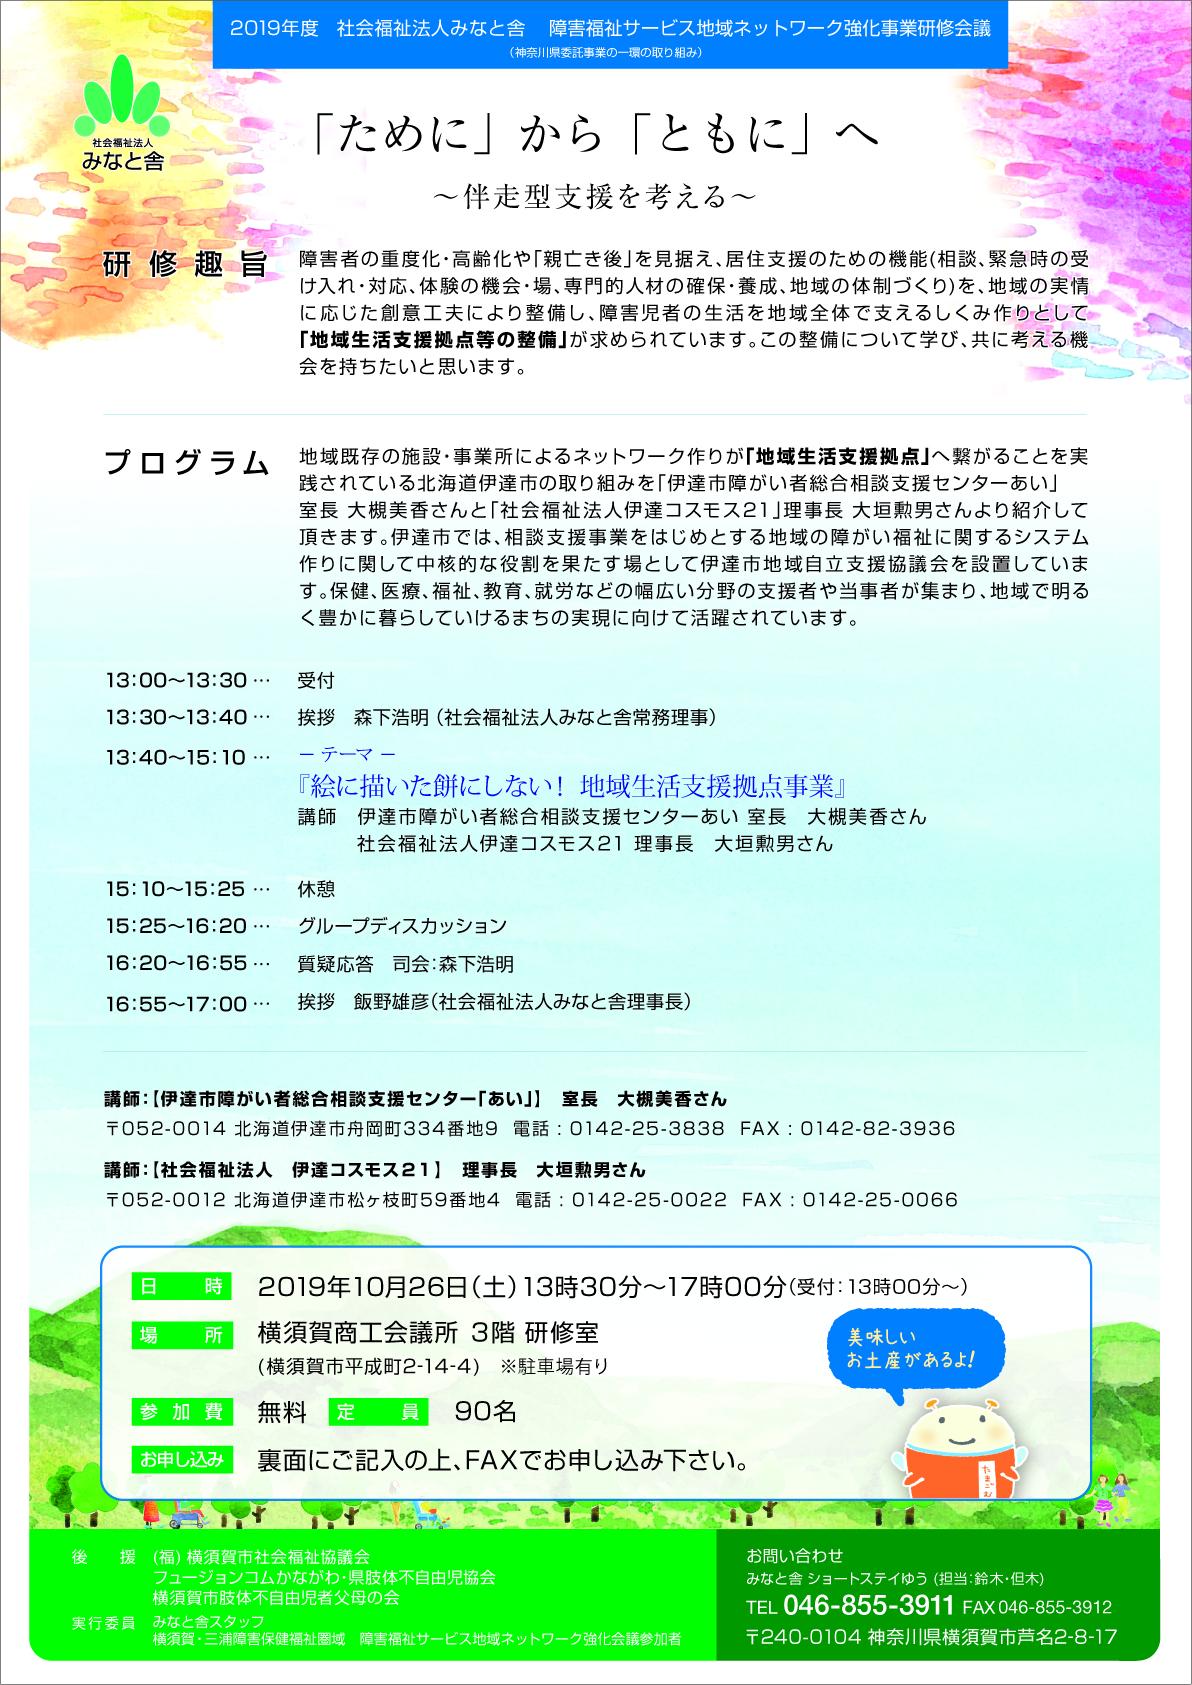 「障害福祉サービス地域ネットワーク強化事業研修会議」開催のお知らせチラシ